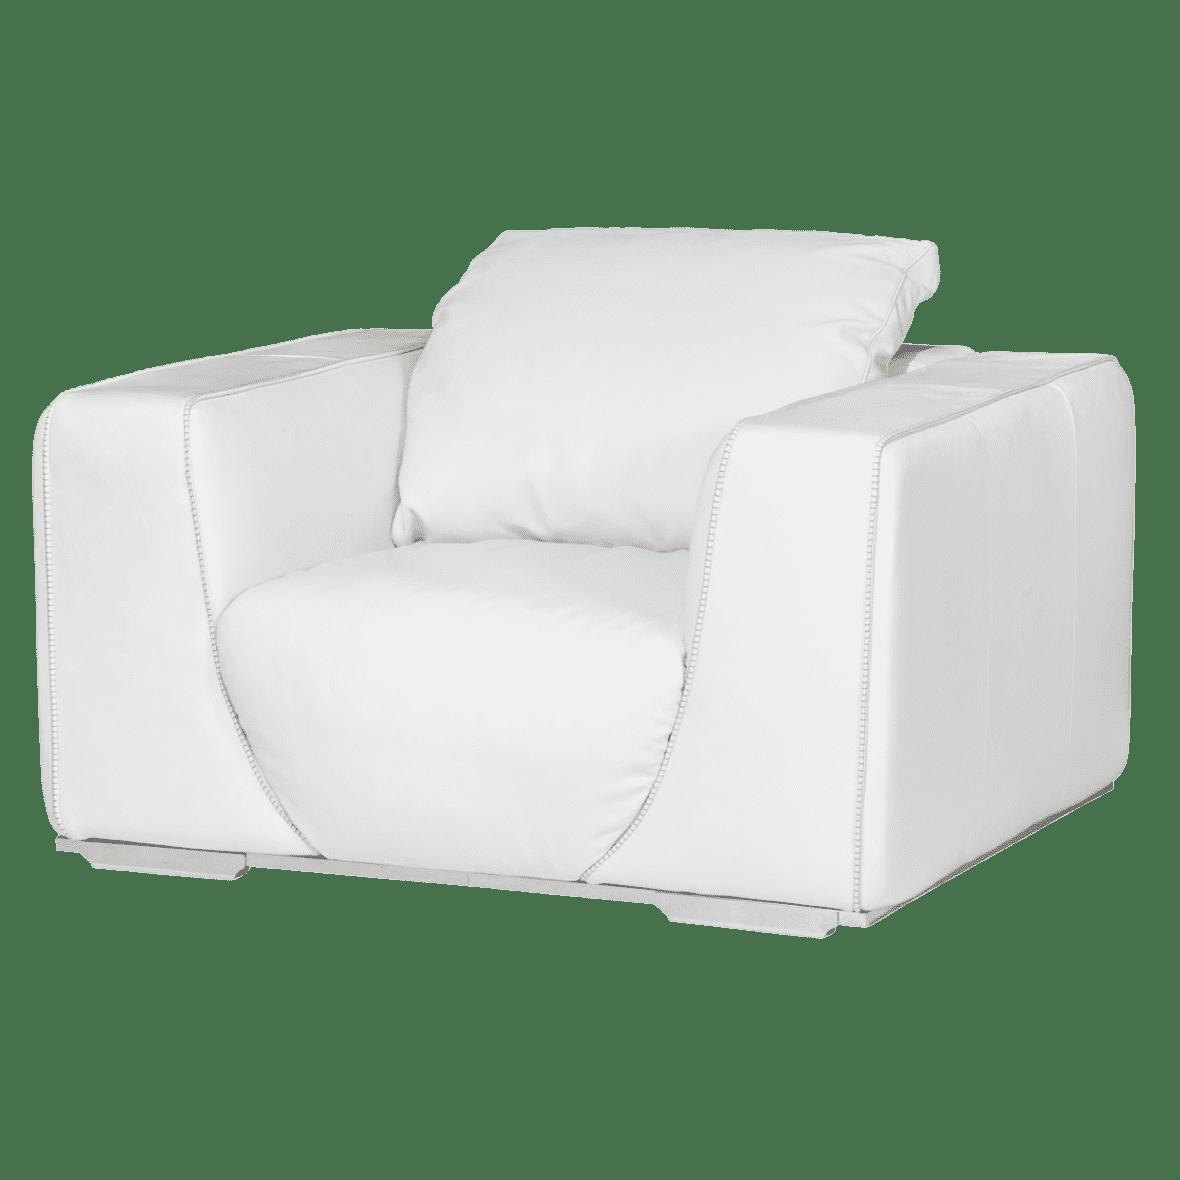 Sophia кресло, White, нерж сталь